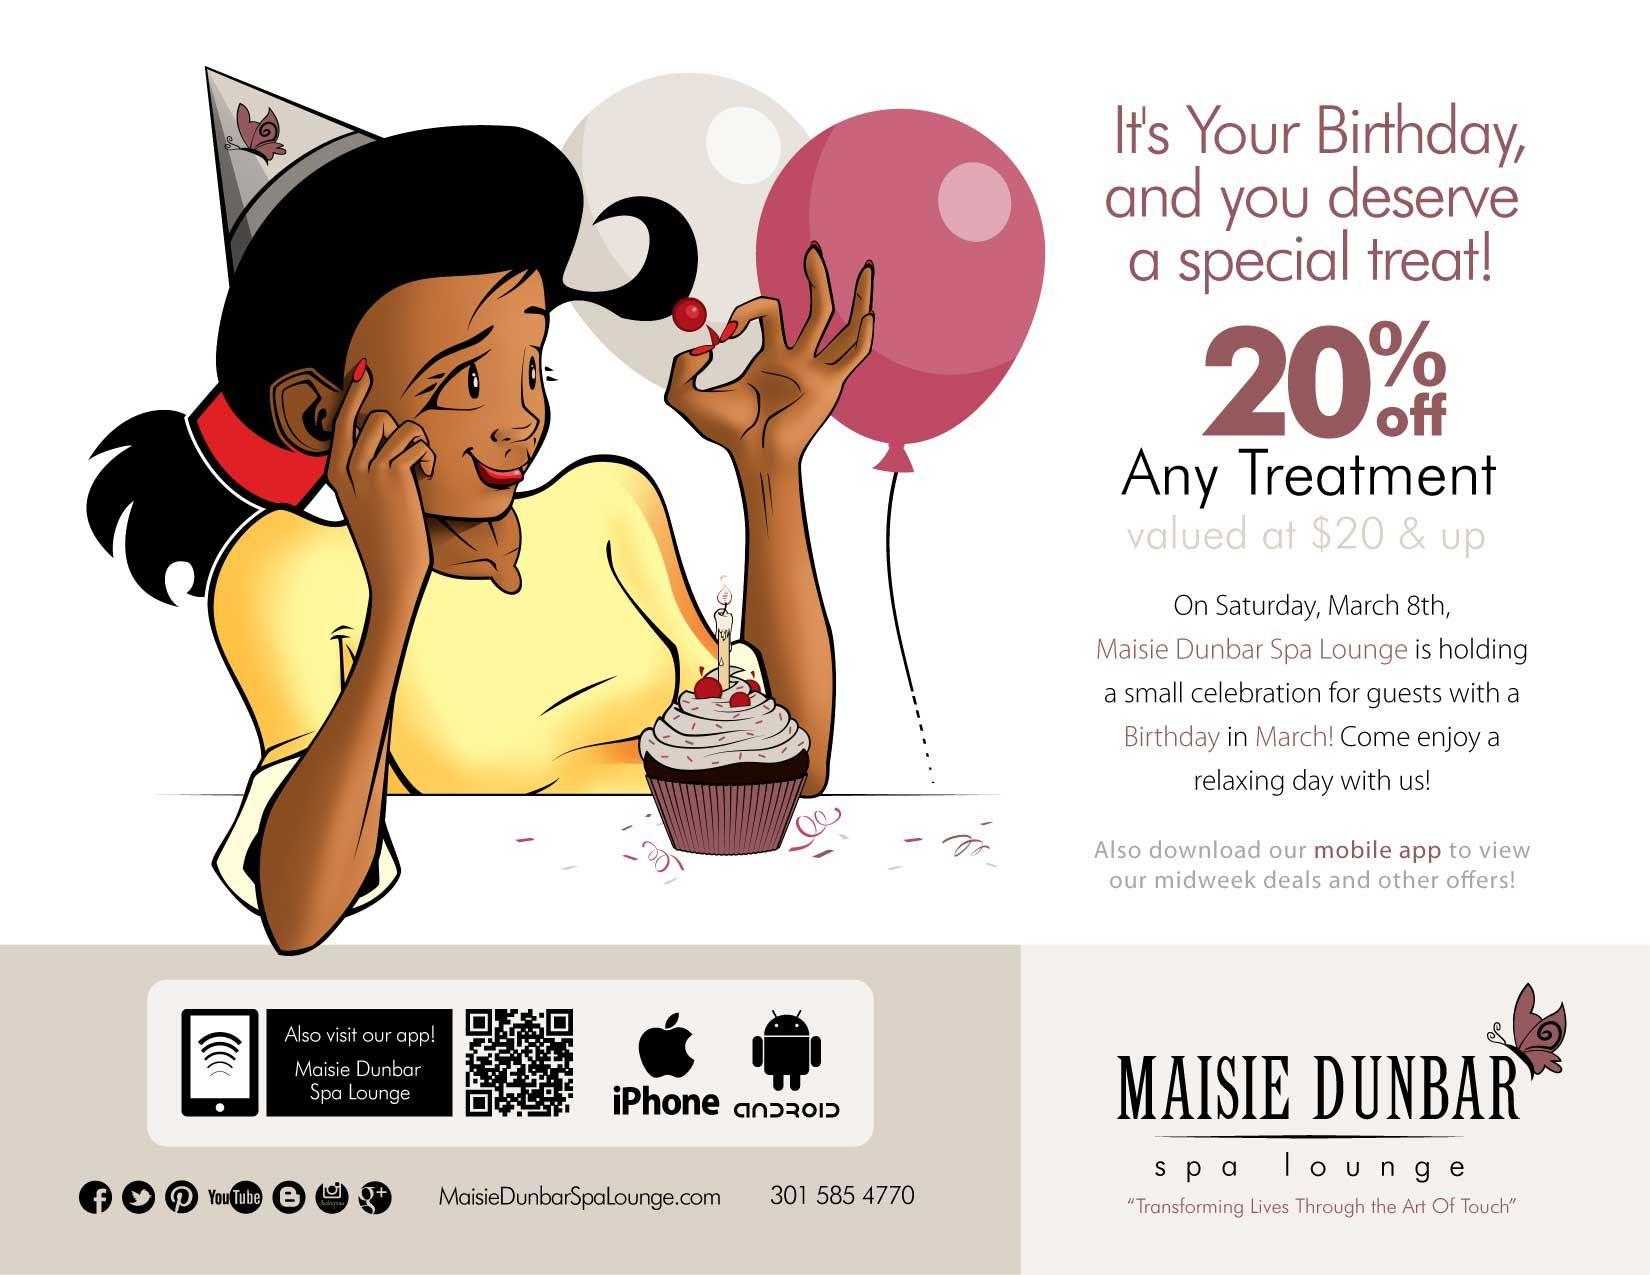 March Birthday Club 301 585 4770 www.MaisieDunbarSpaLounge